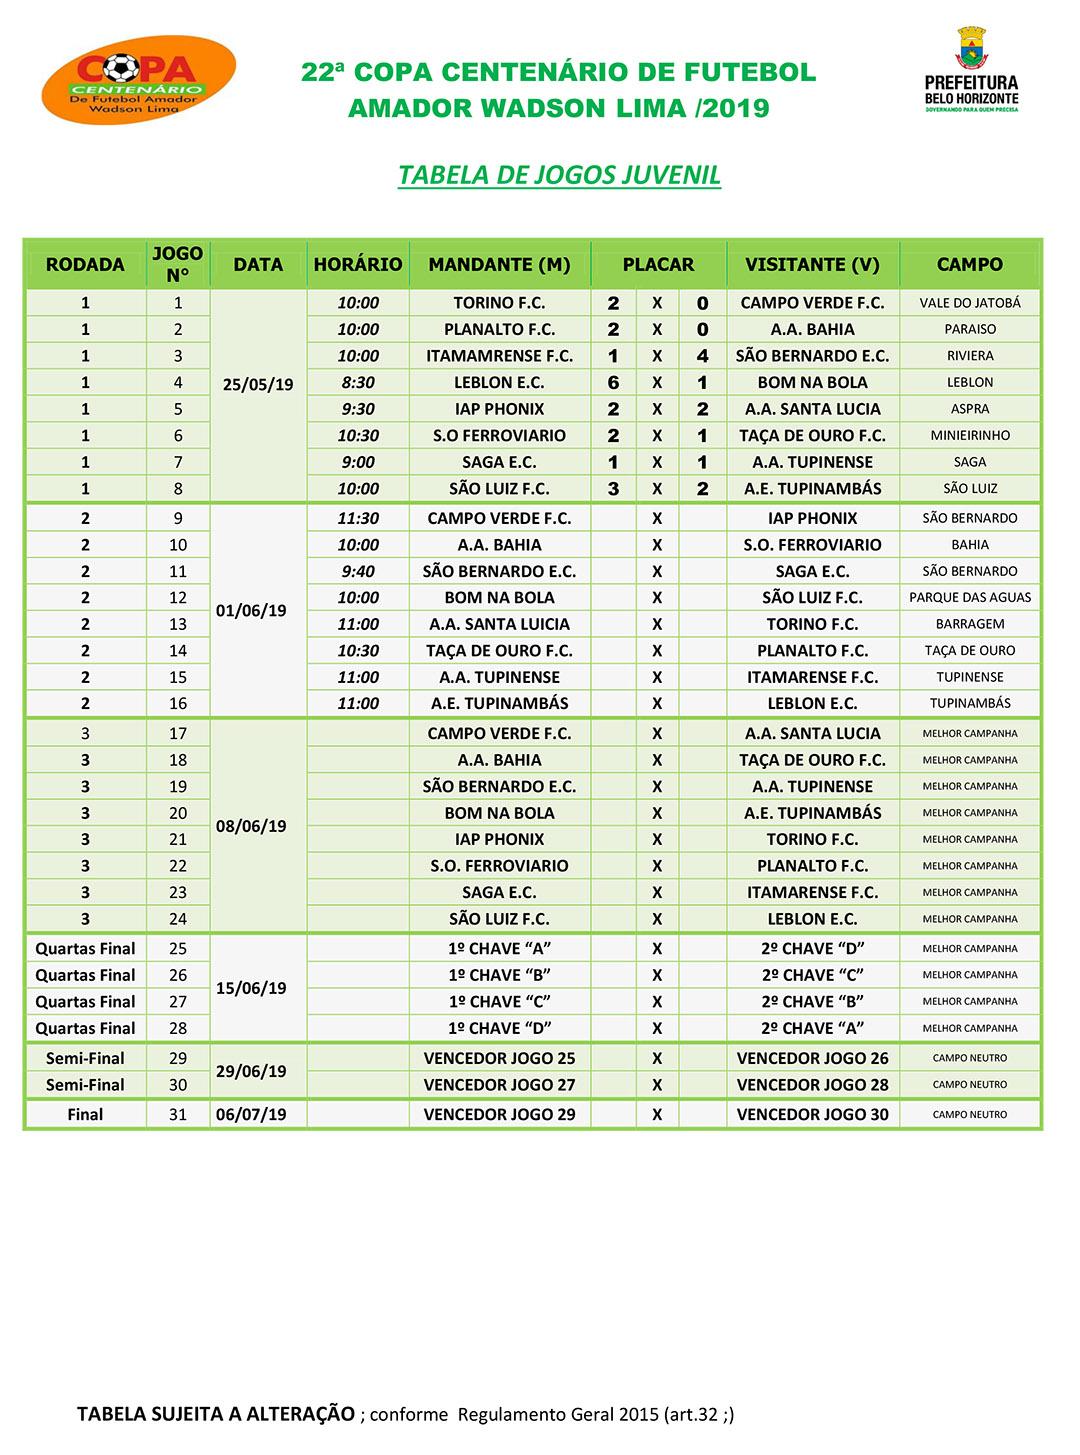 Tabela de jogos e classificação da Copa Centenário 2019 - Juvenil - Fonte: SMEL/PBH